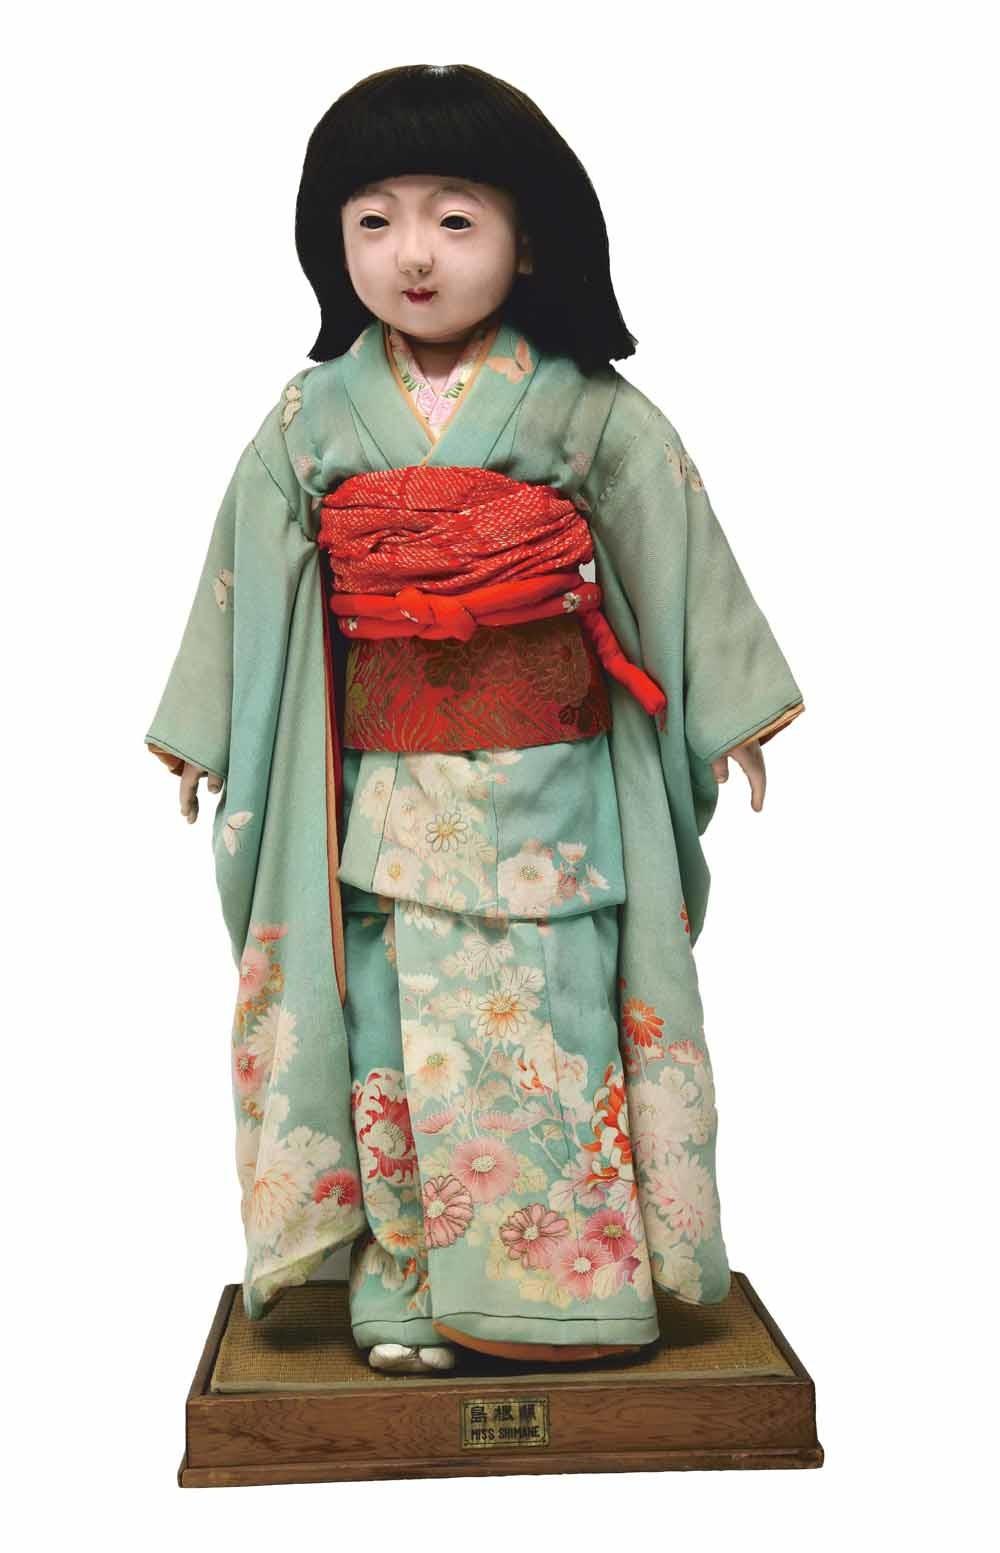 Een Japanse vriendschapspop uit de collectie van het Children's Museum in Indianapolis. © Daniel Schwen